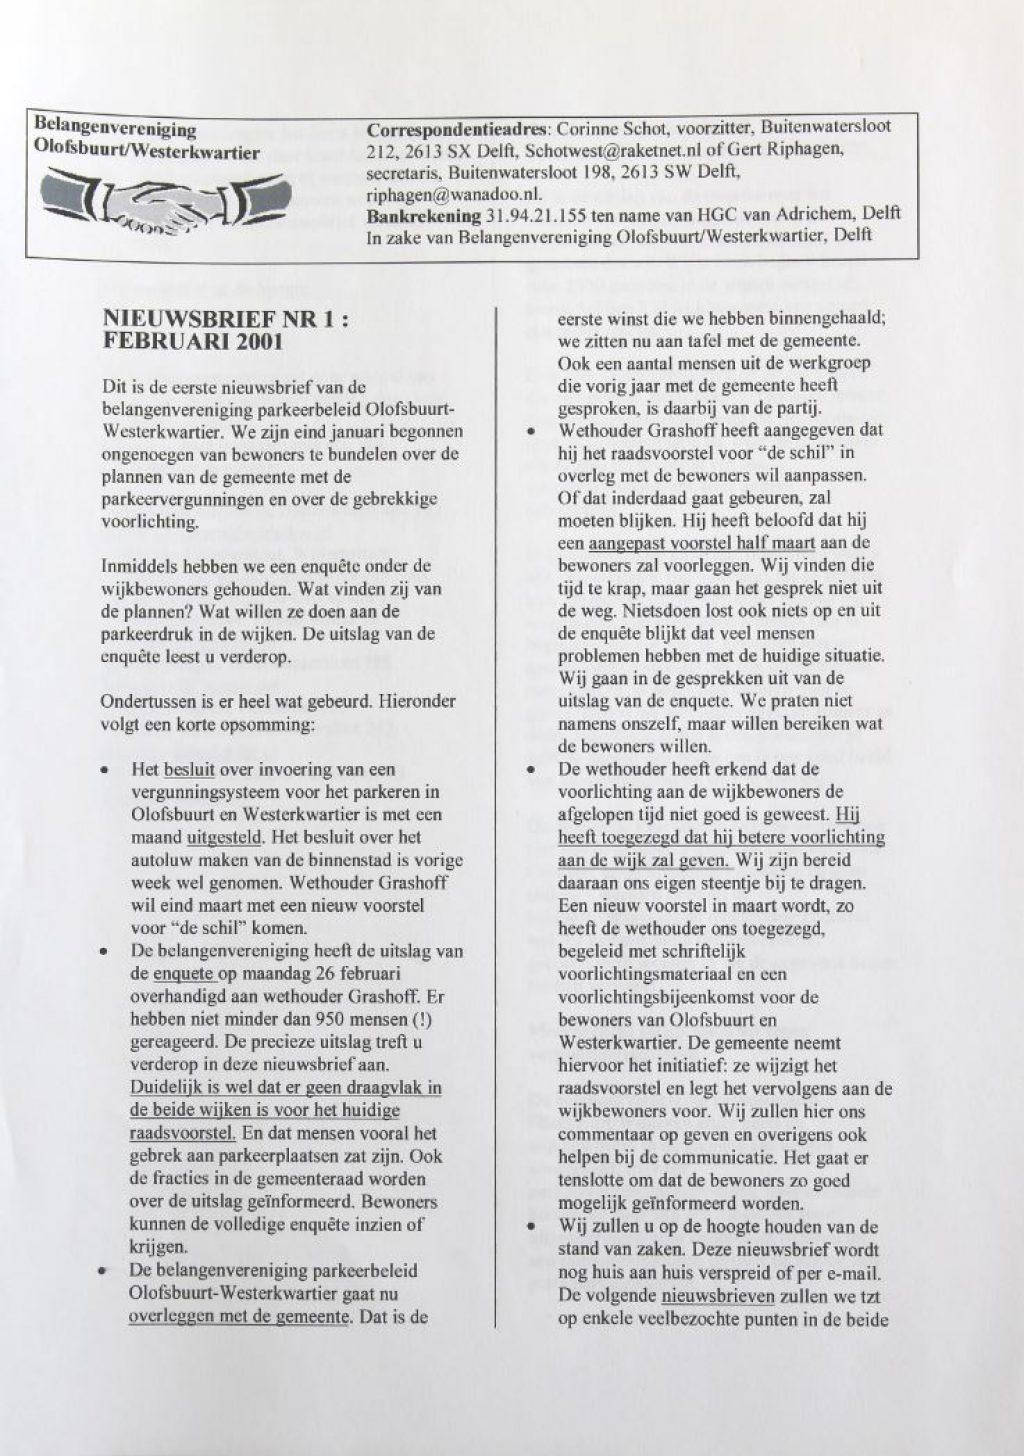 Nieuwsbrief nummer 1 van Belangenvereniging Olofsbuurt/Westerkwartier, februari 2001 (Archief 598 inv.nr 938)